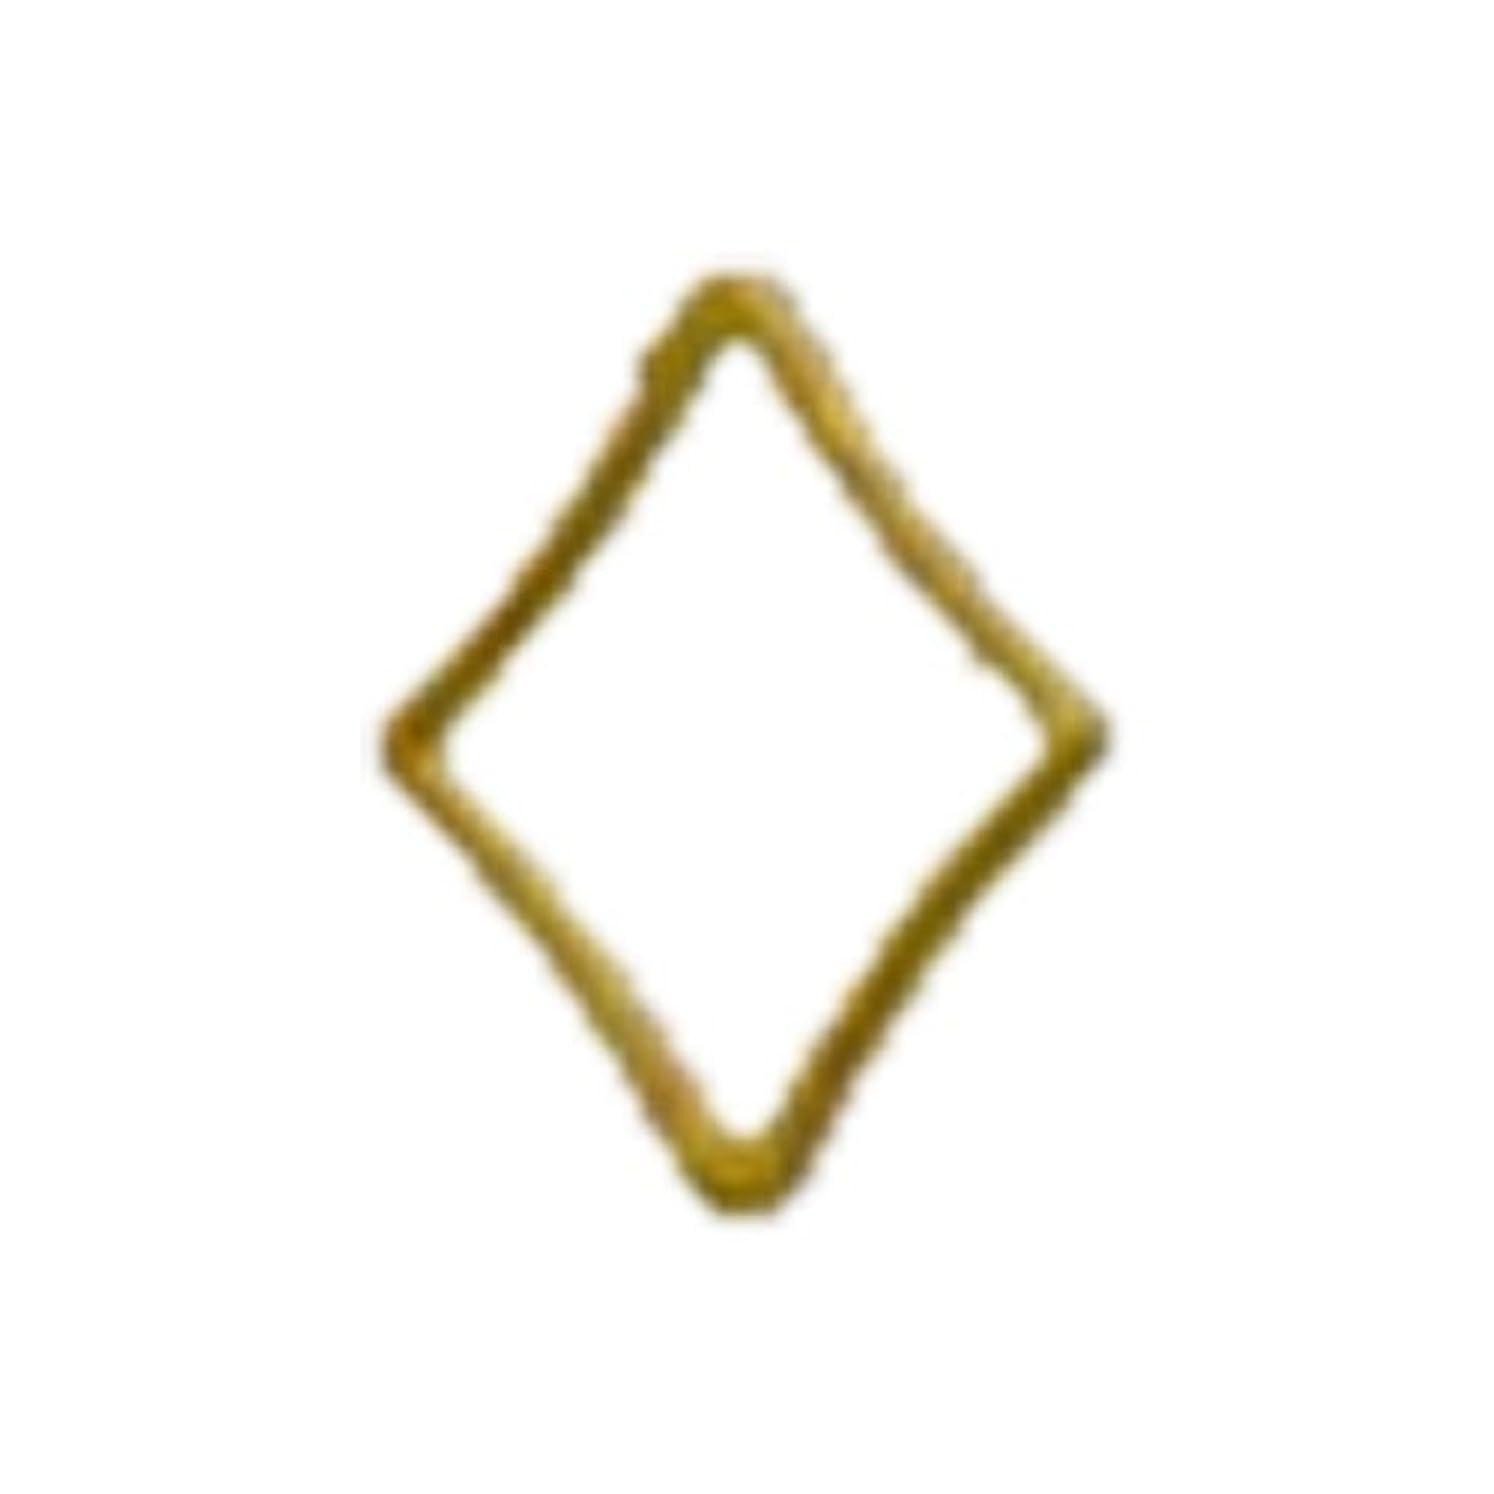 素晴らしいウェイド並外れてリトルプリティー ネイルアートパーツ キラキラ 3S ゴールド 20個